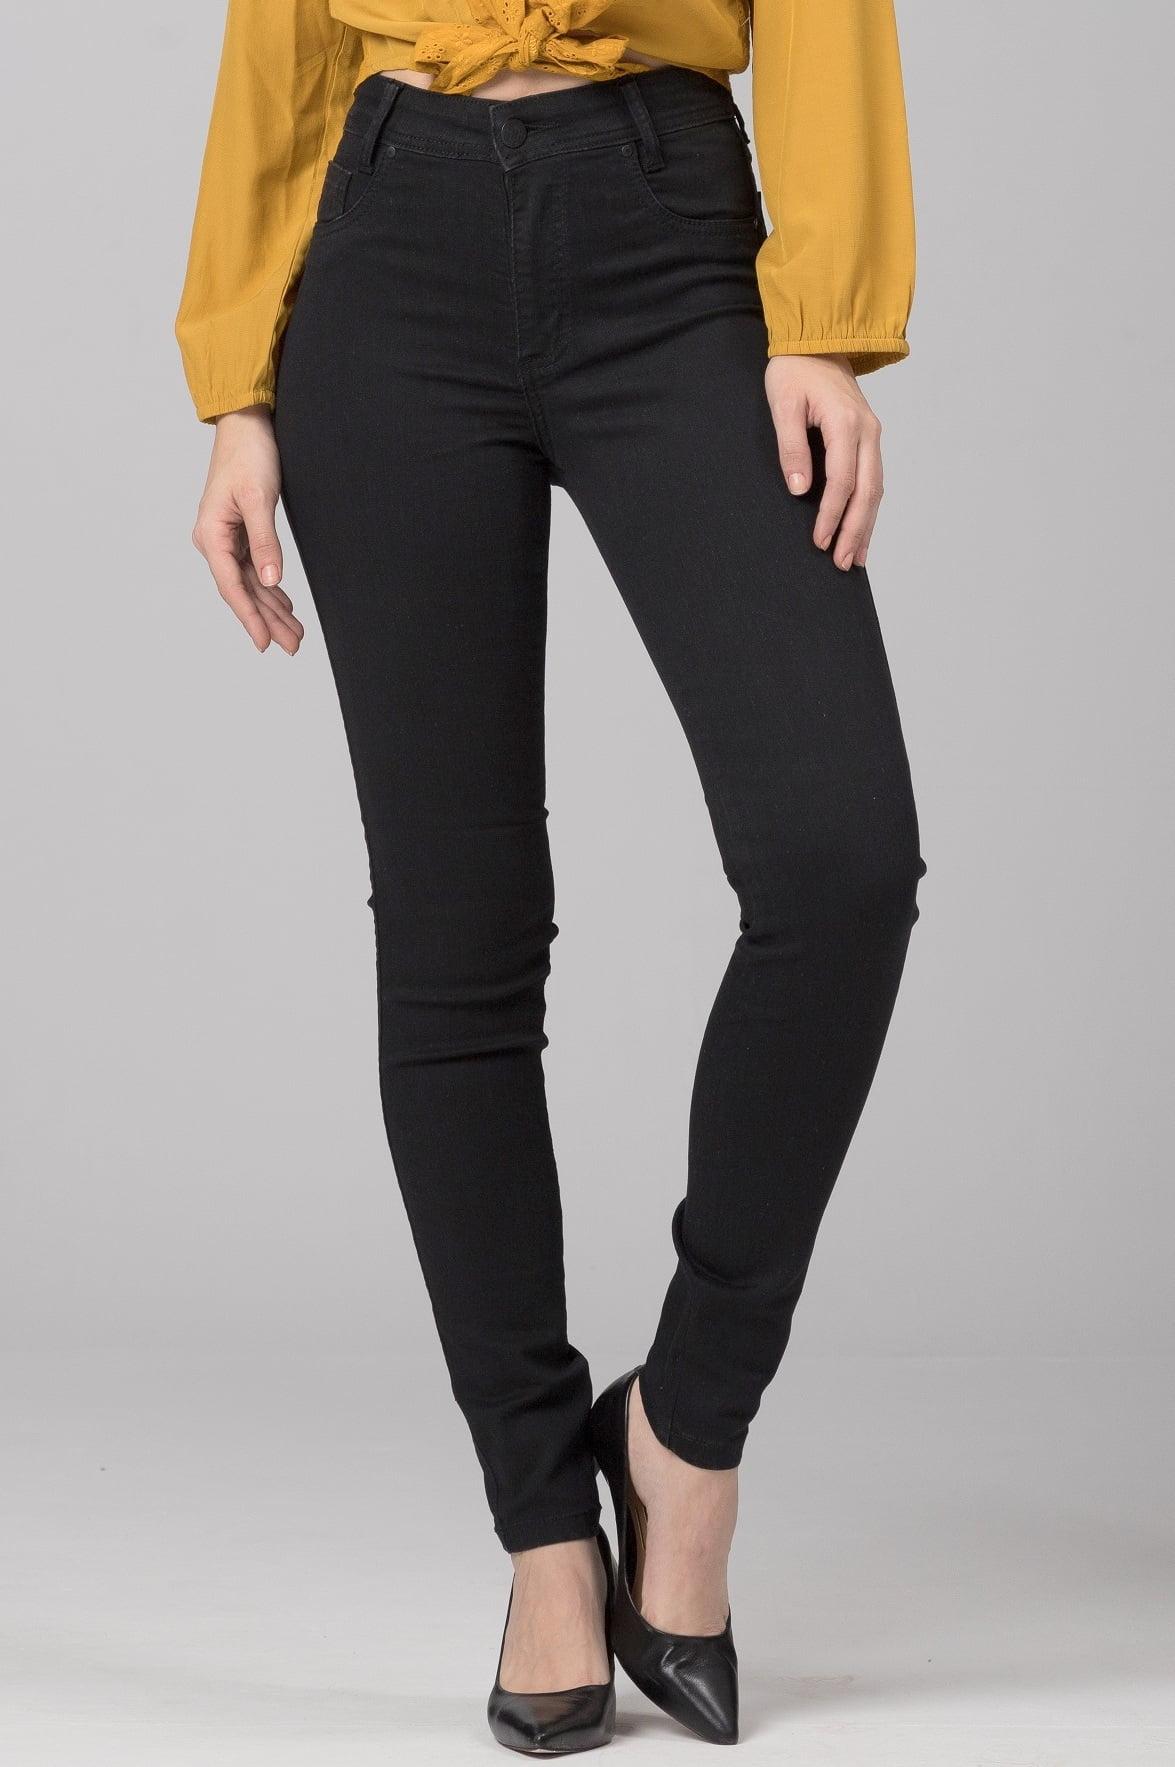 Calça Skinny Preta Stonada F2021061